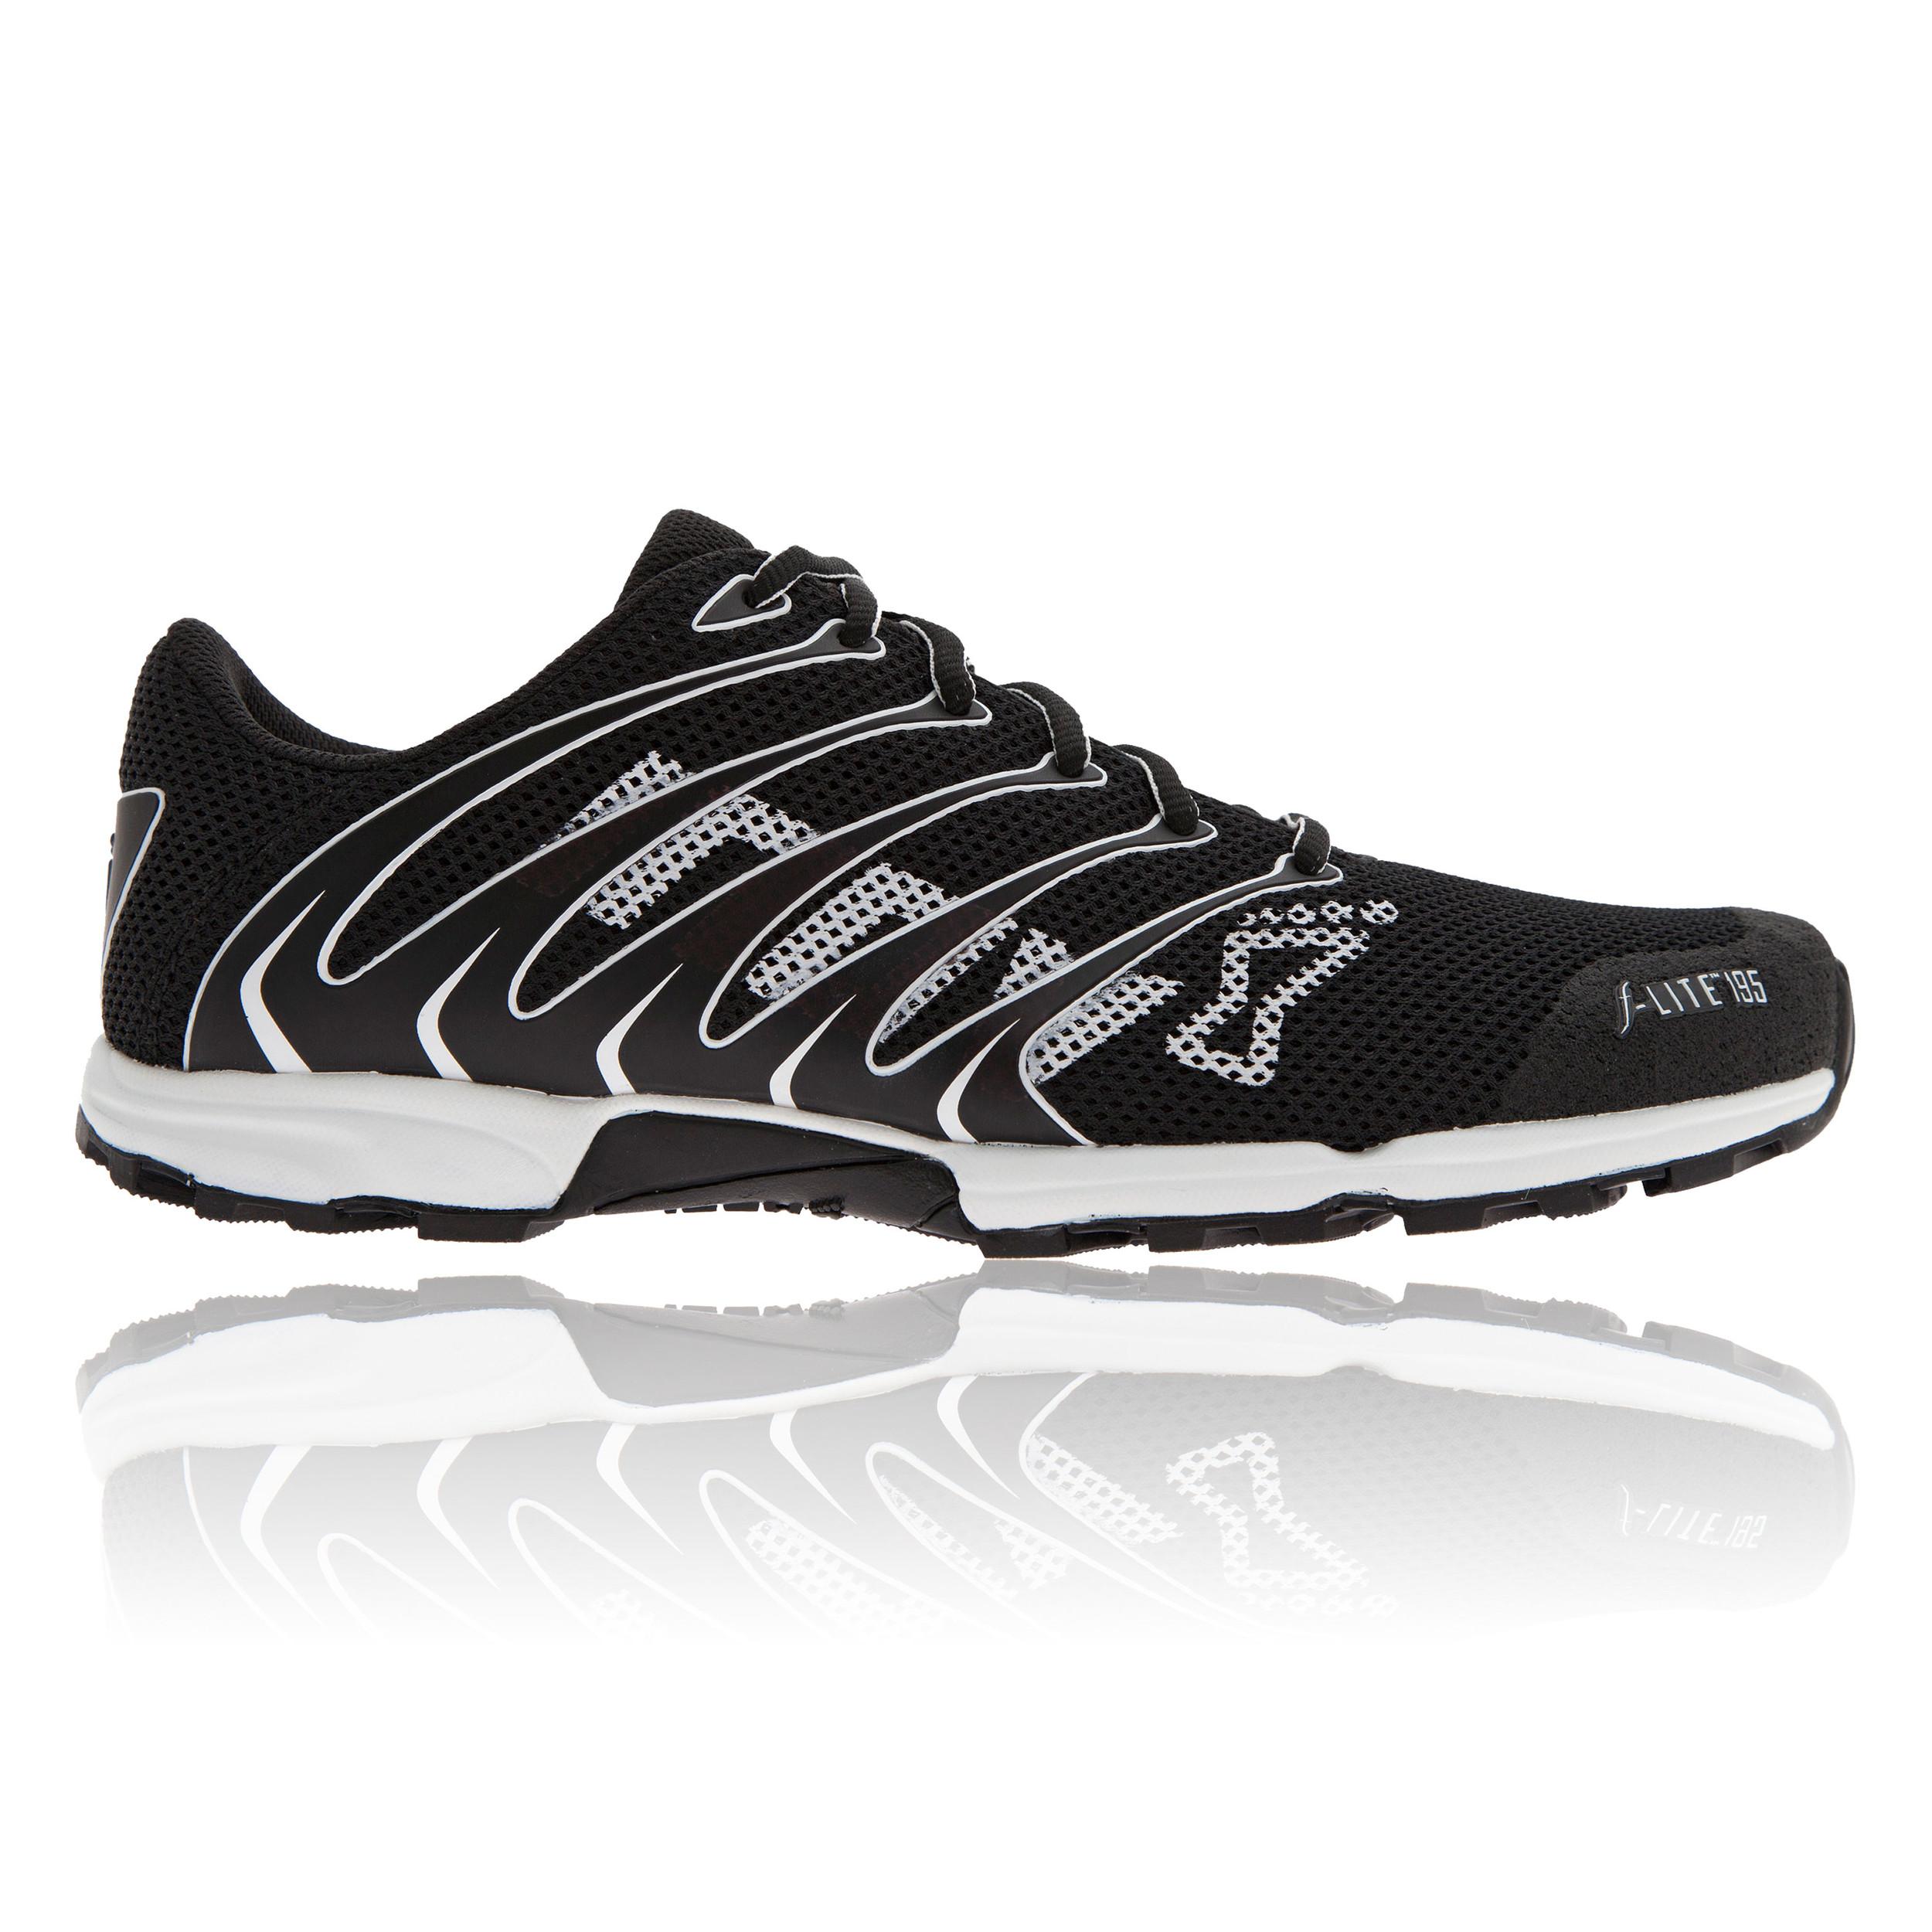 Inov F Lite  Precision Fit Training Shoes